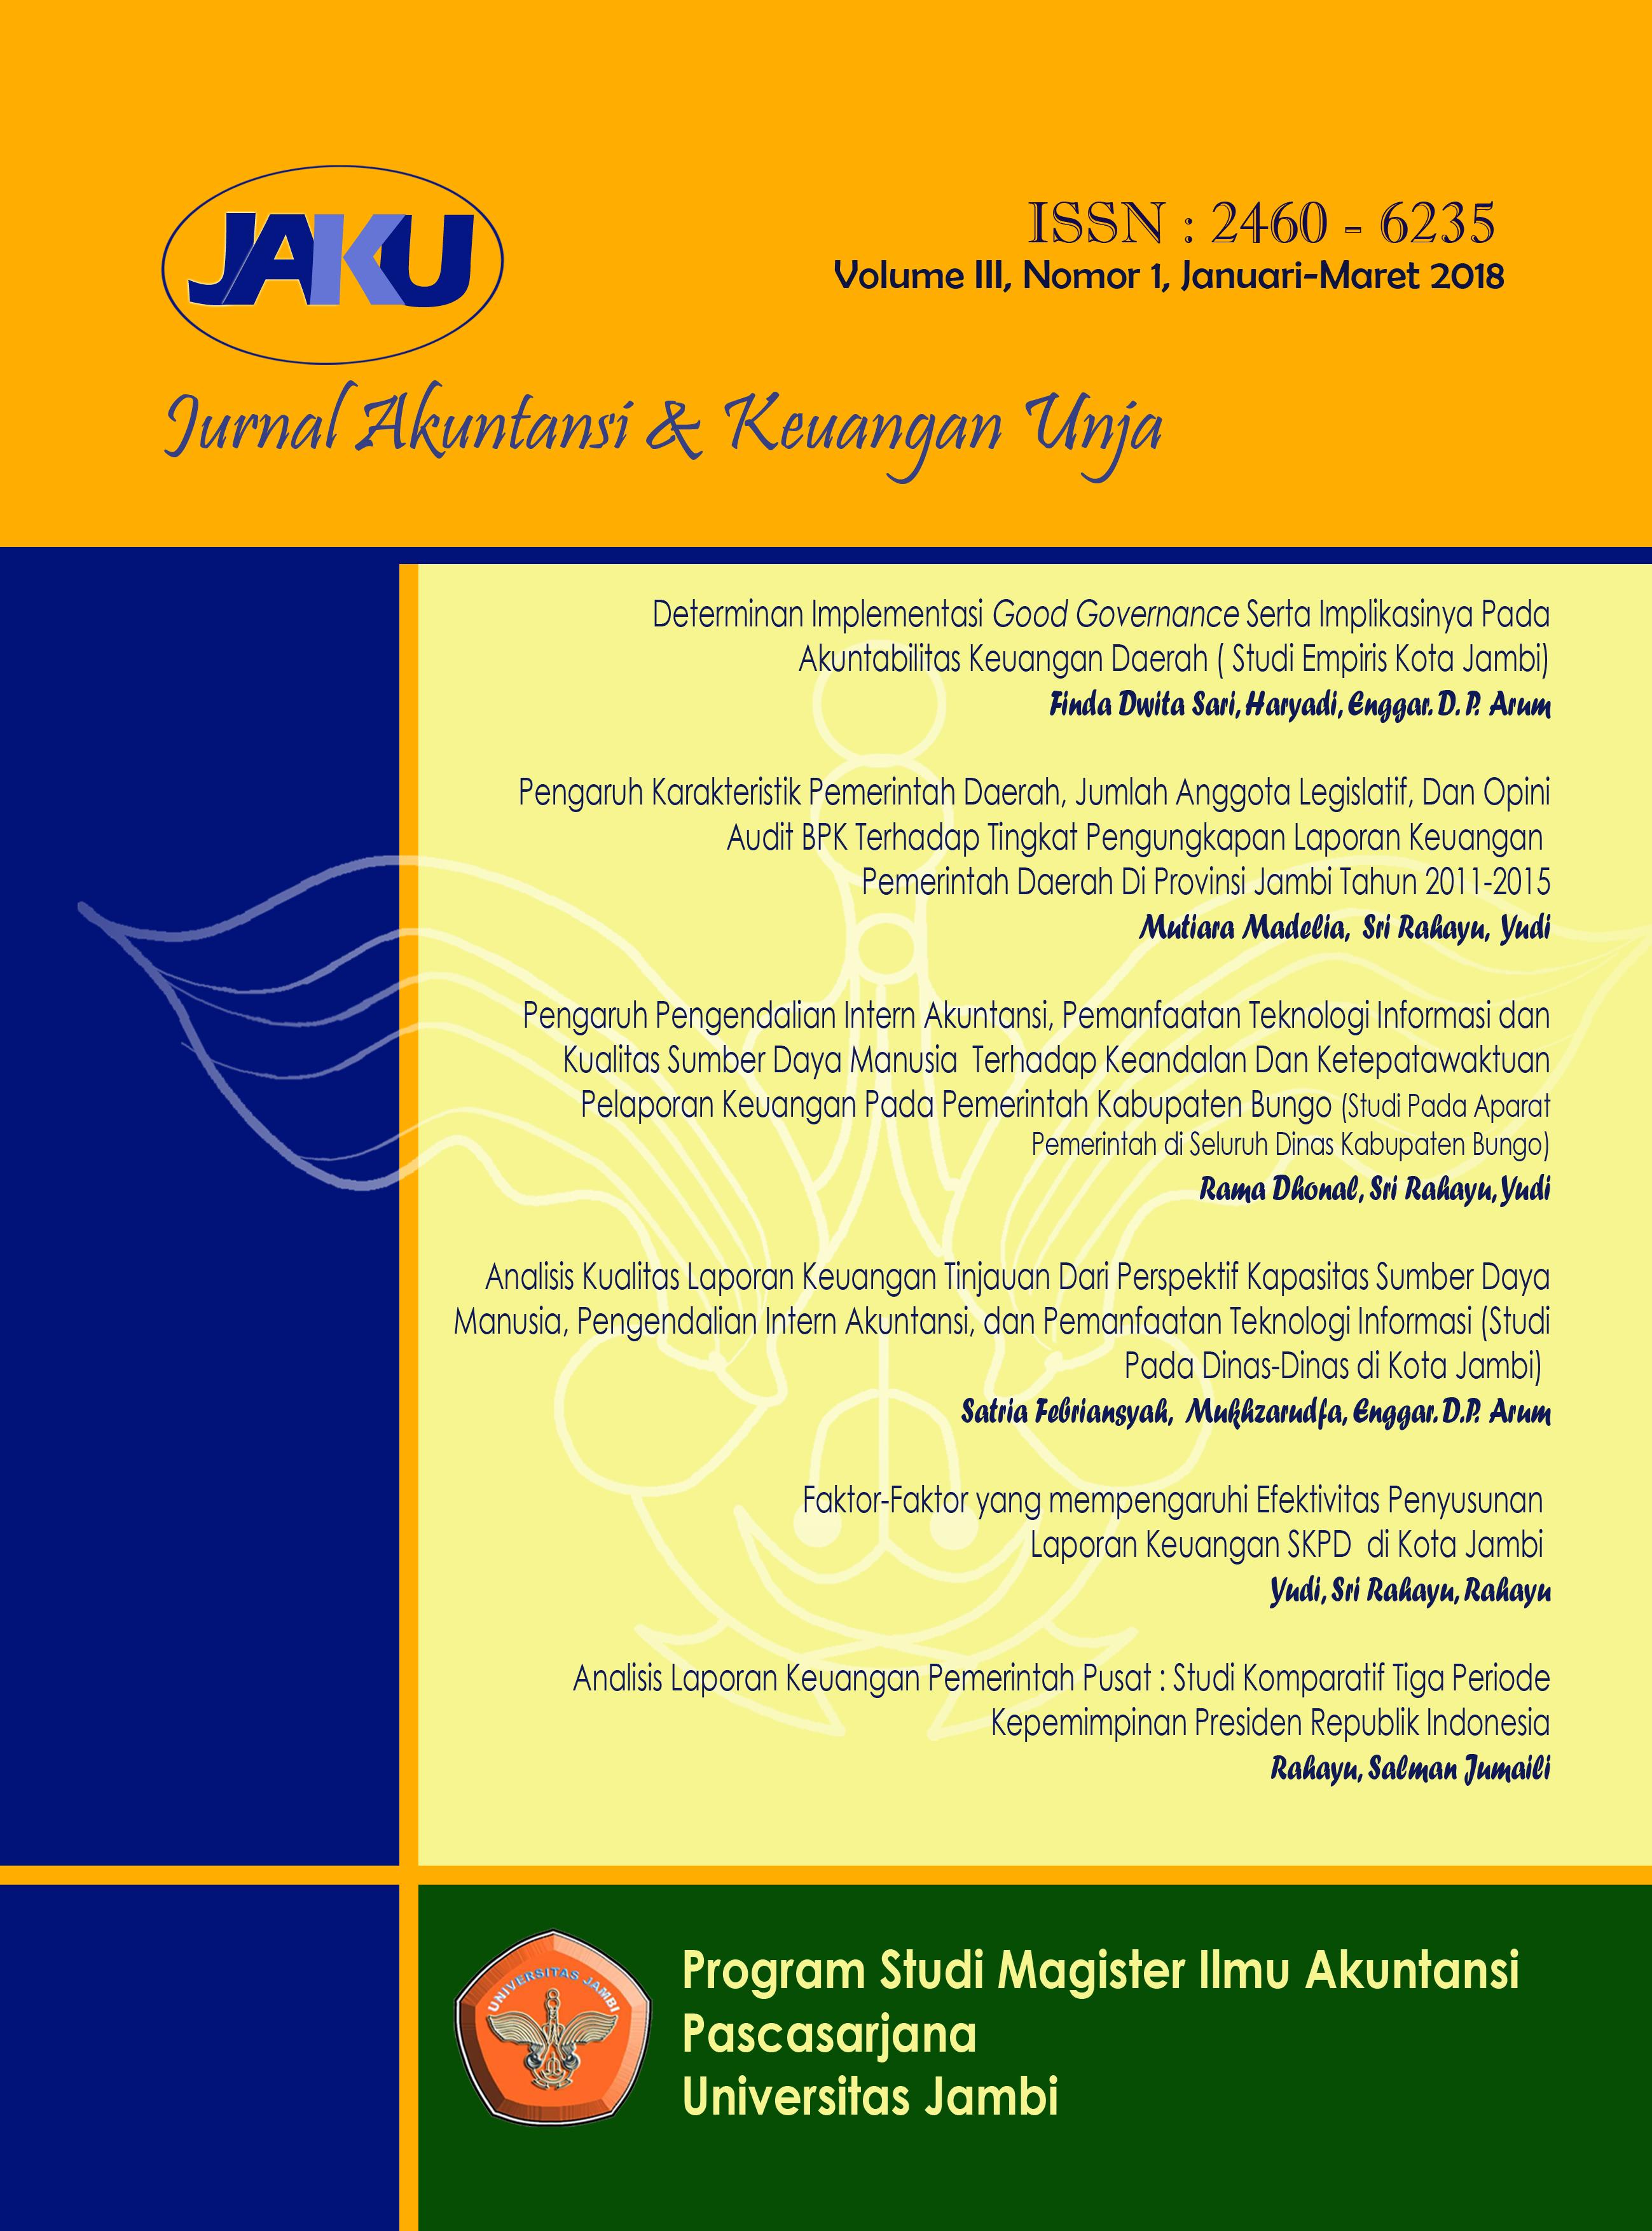 View Vol. 3 No. 1 (2018): Jurnal Akuntansi & Keuangan Unja